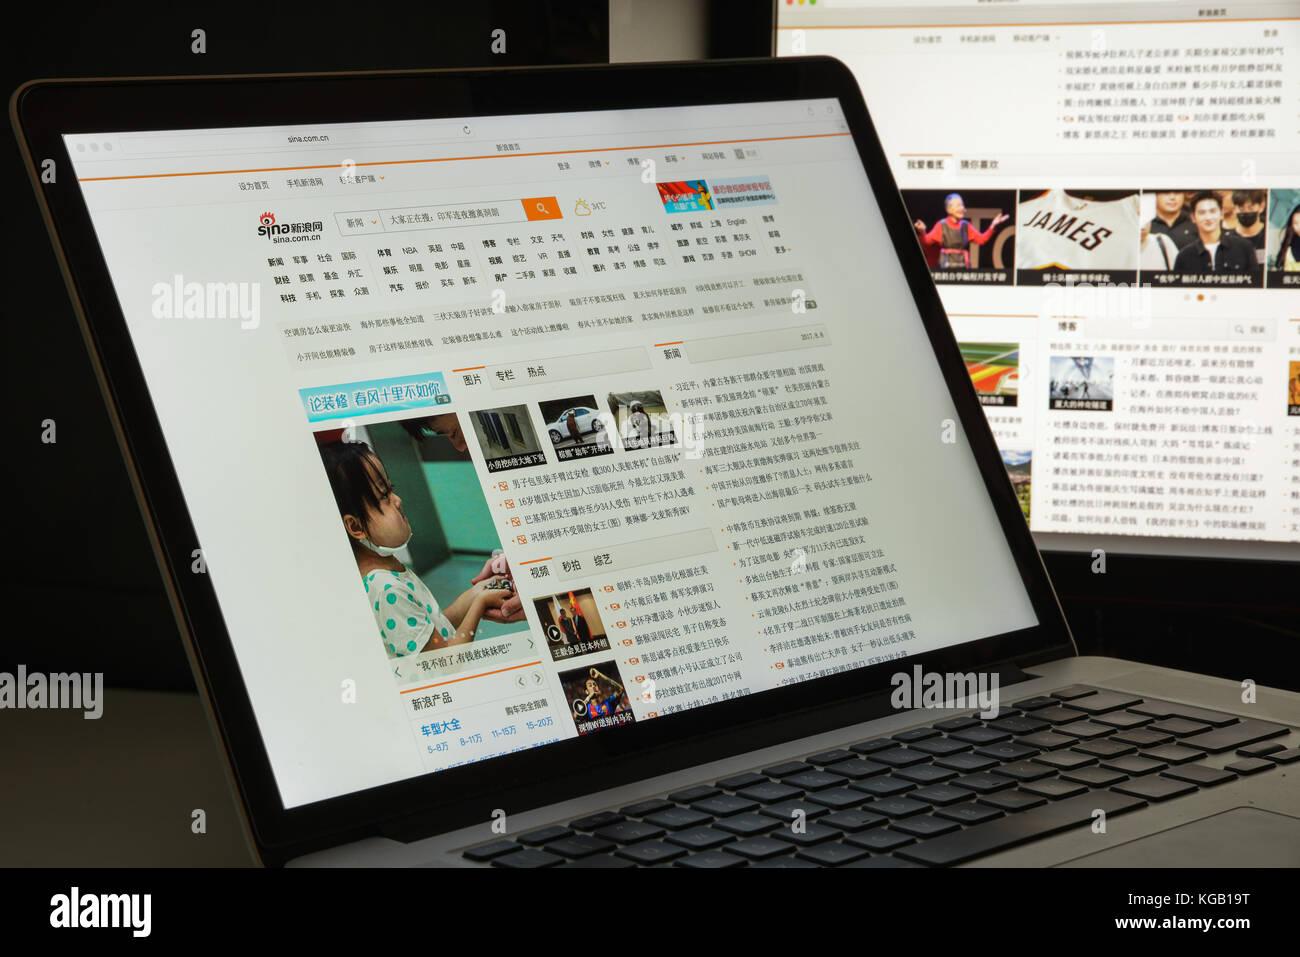 Sina Com Stock Photos & Sina Com Stock Images - Alamy